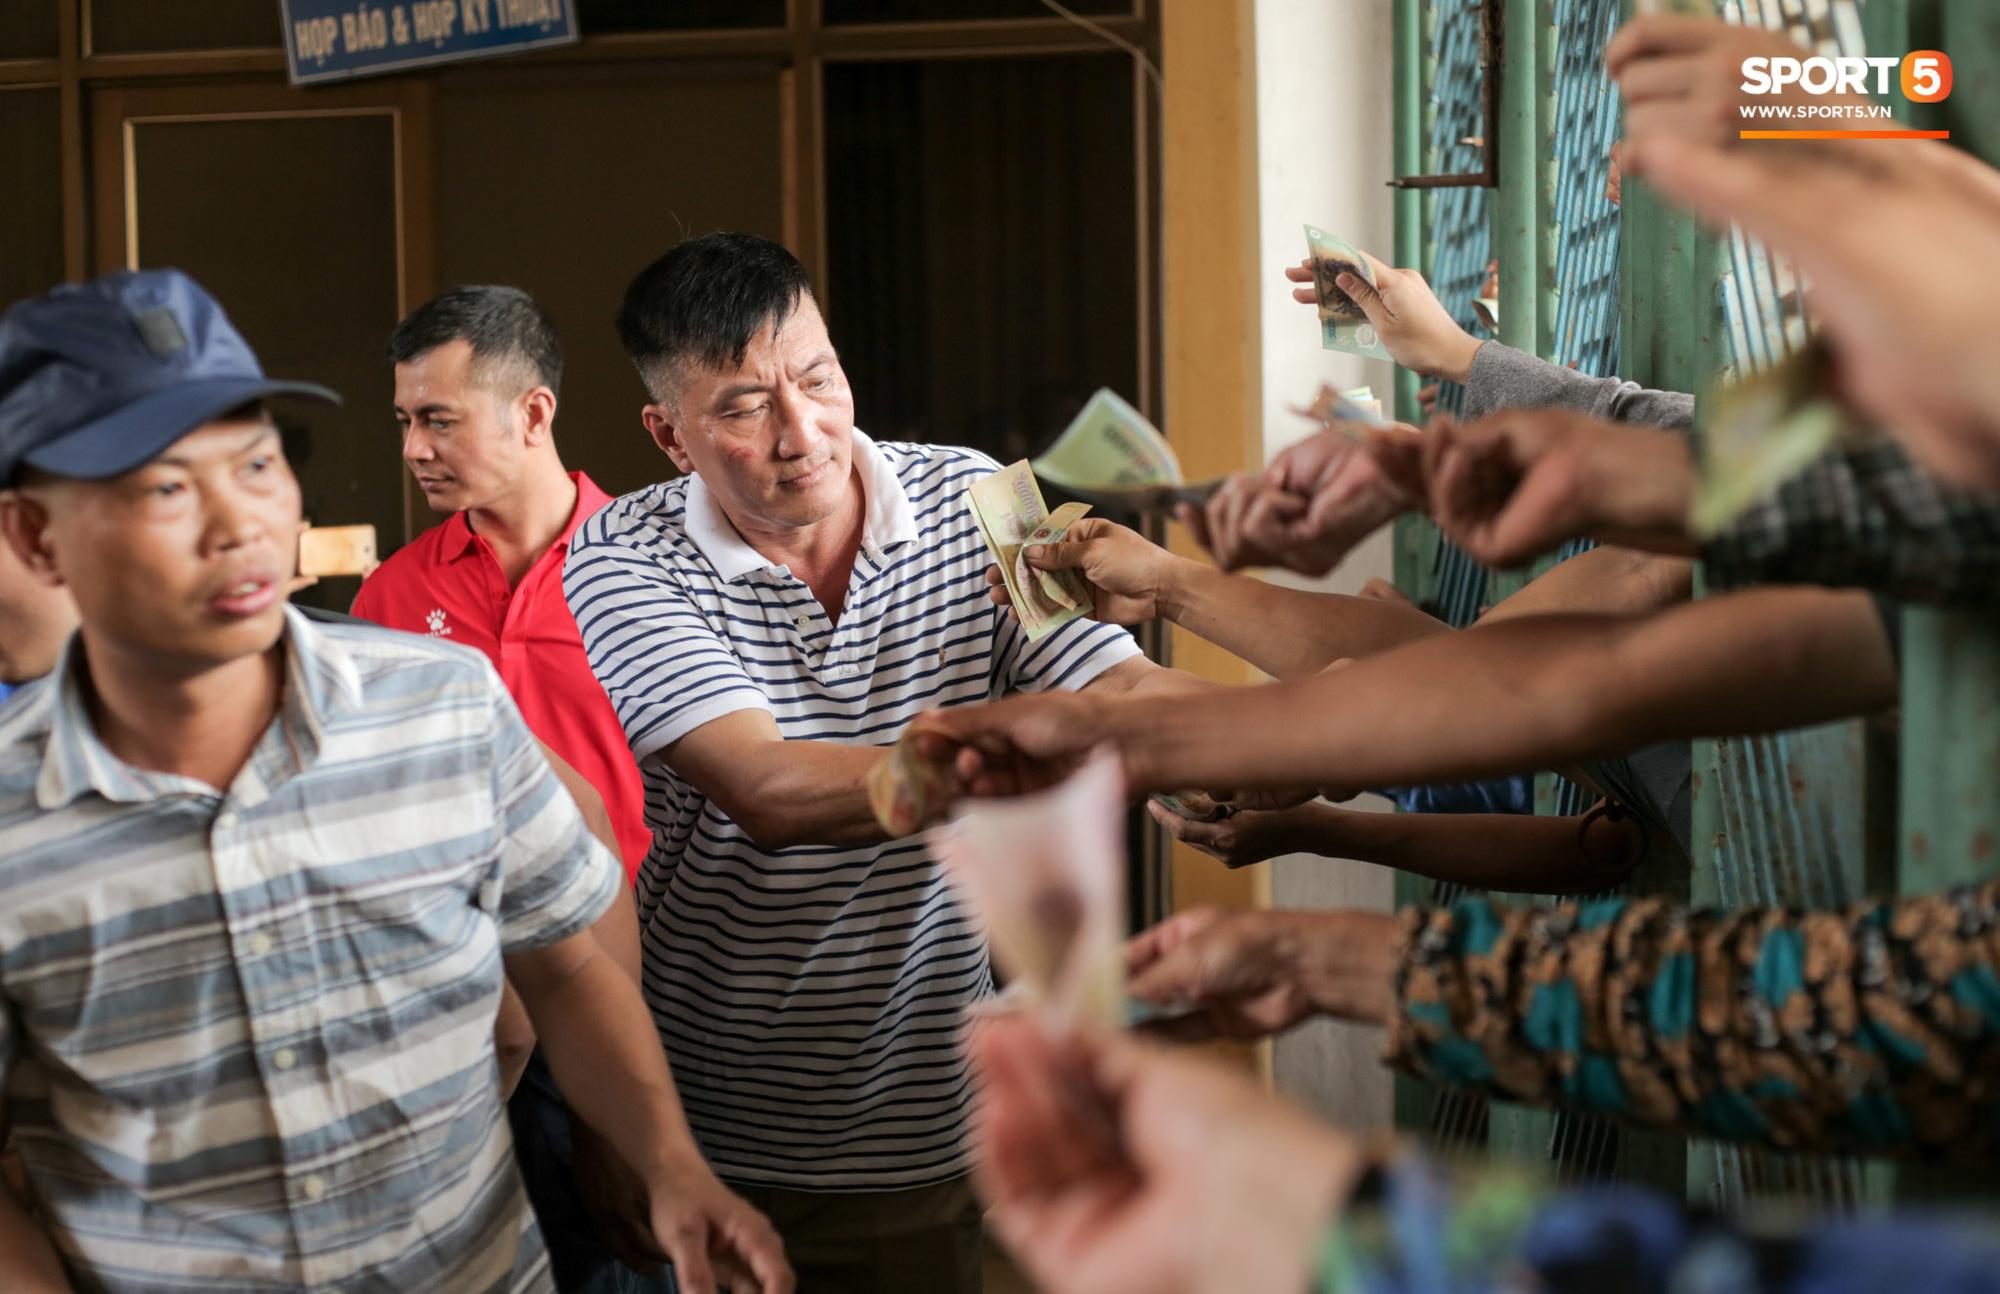 Chen nhau nghẹt thở mua vé xem bóng đá ở Nam Định, dân phe Hà Nội cũng đổ về thu gom - Ảnh 4.